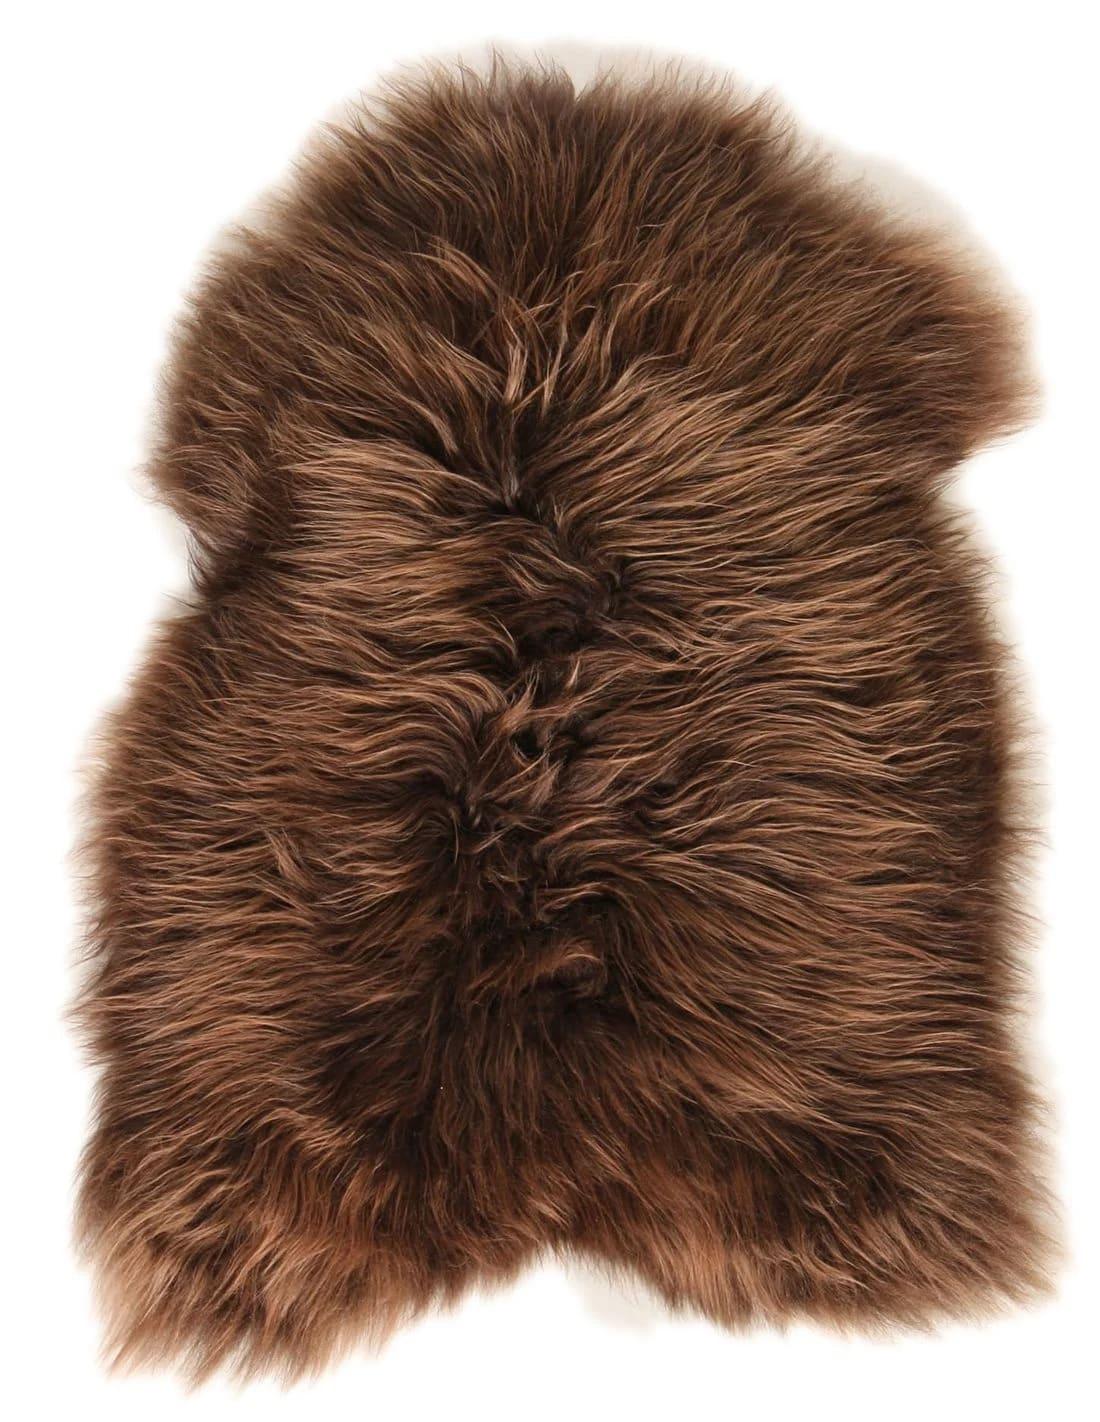 Esbeco Tapis en peau de mouton islandais châtaigne 90x60